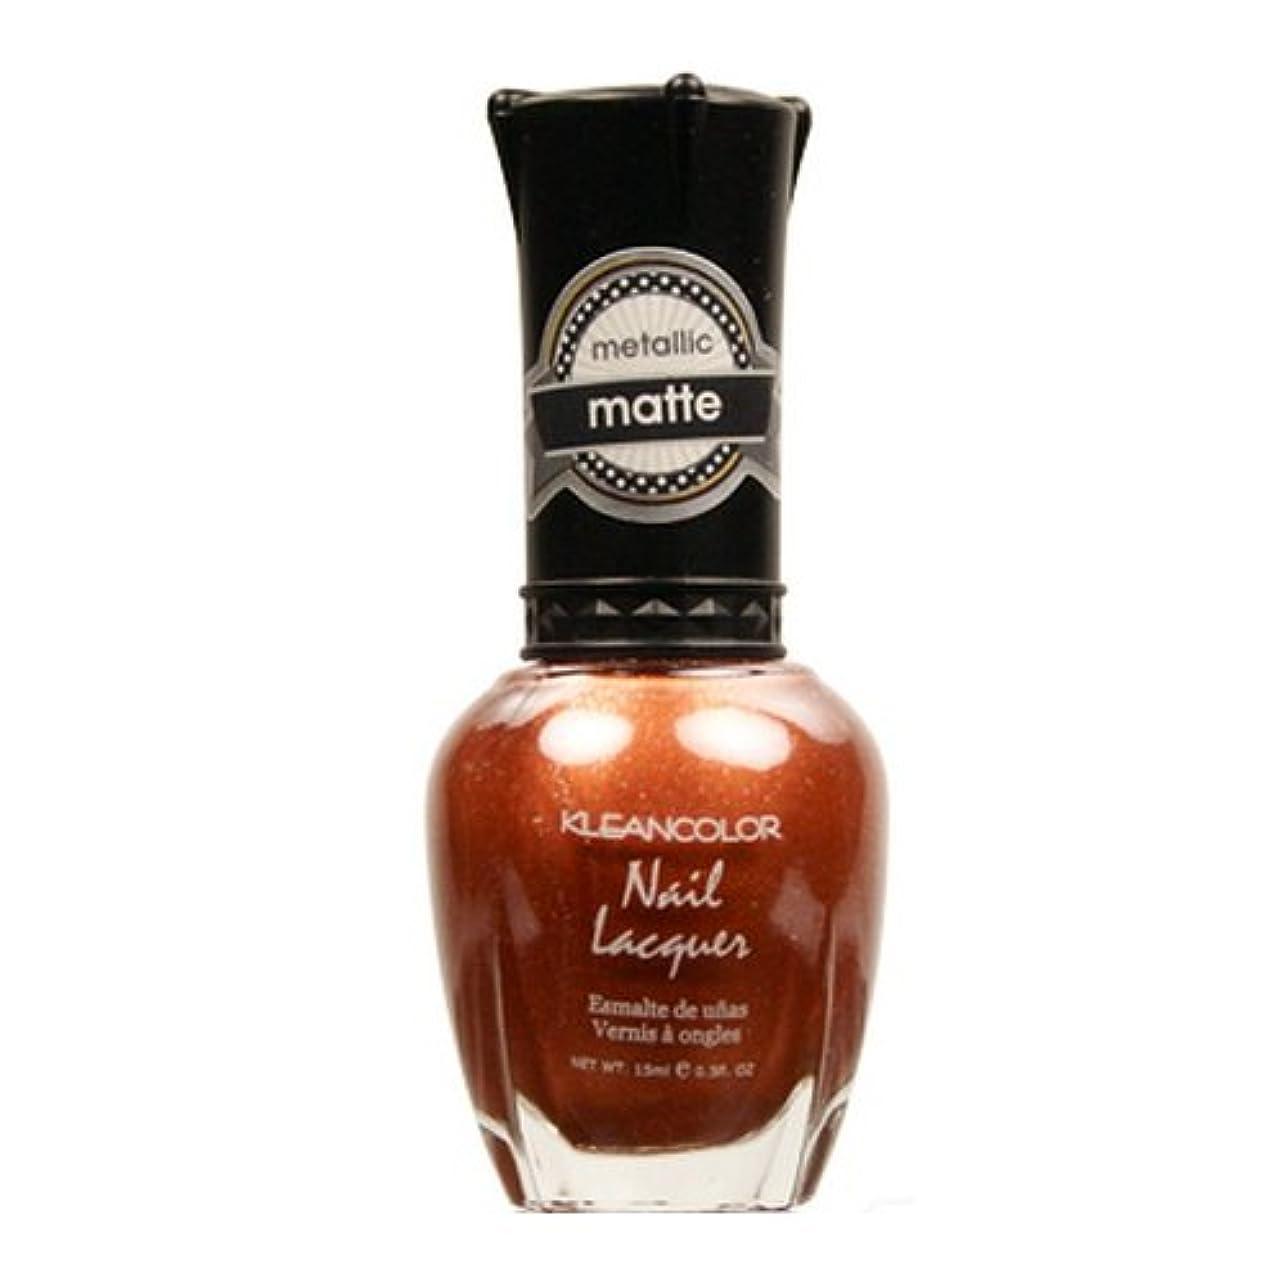 返済遅らせる試みるKLEANCOLOR Matte Nail Lacquer - Oh So Teasing (並行輸入品)